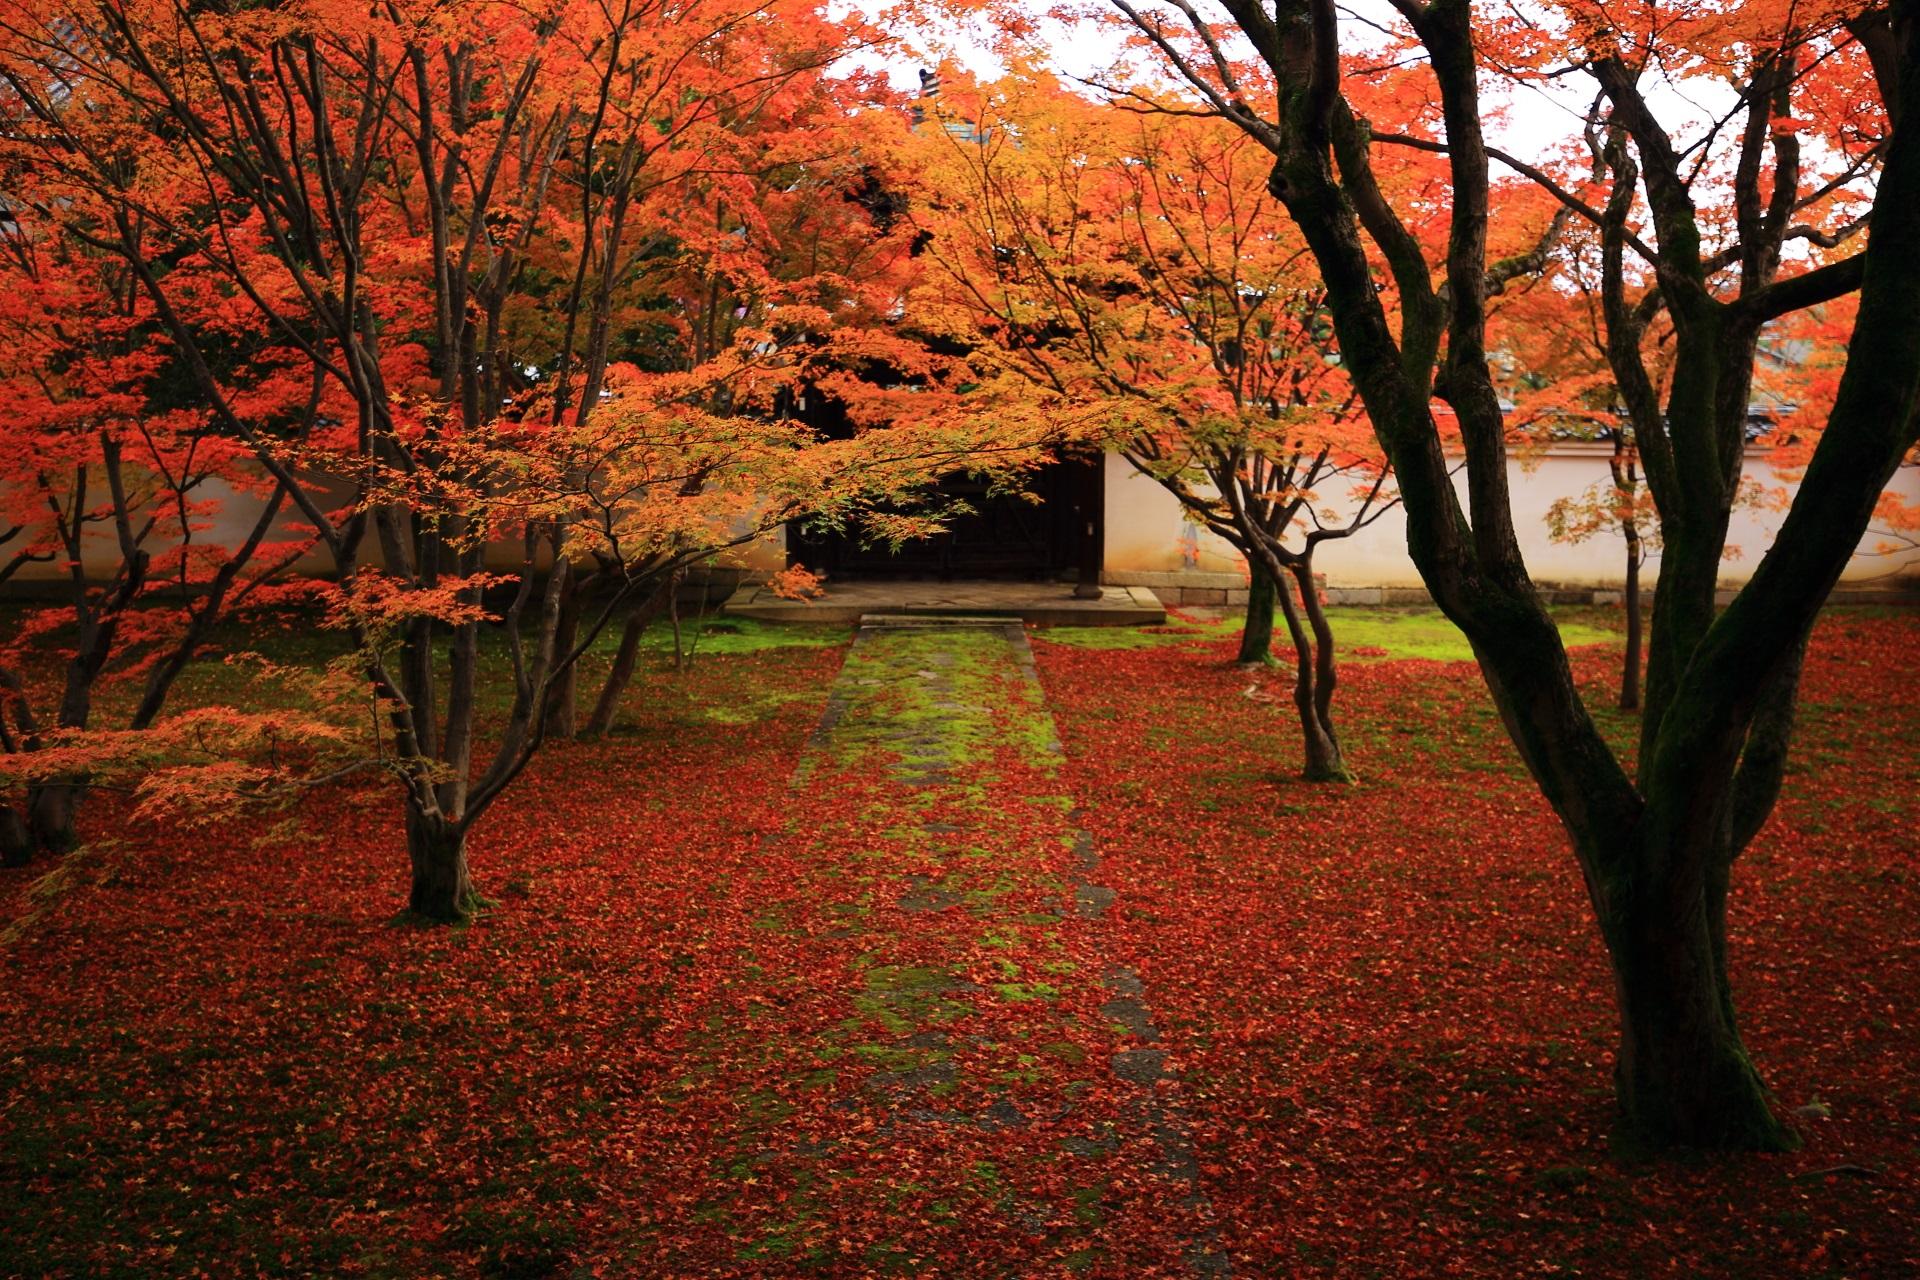 妙覚寺の唐門を秋色に染める紅葉と散りもみじ